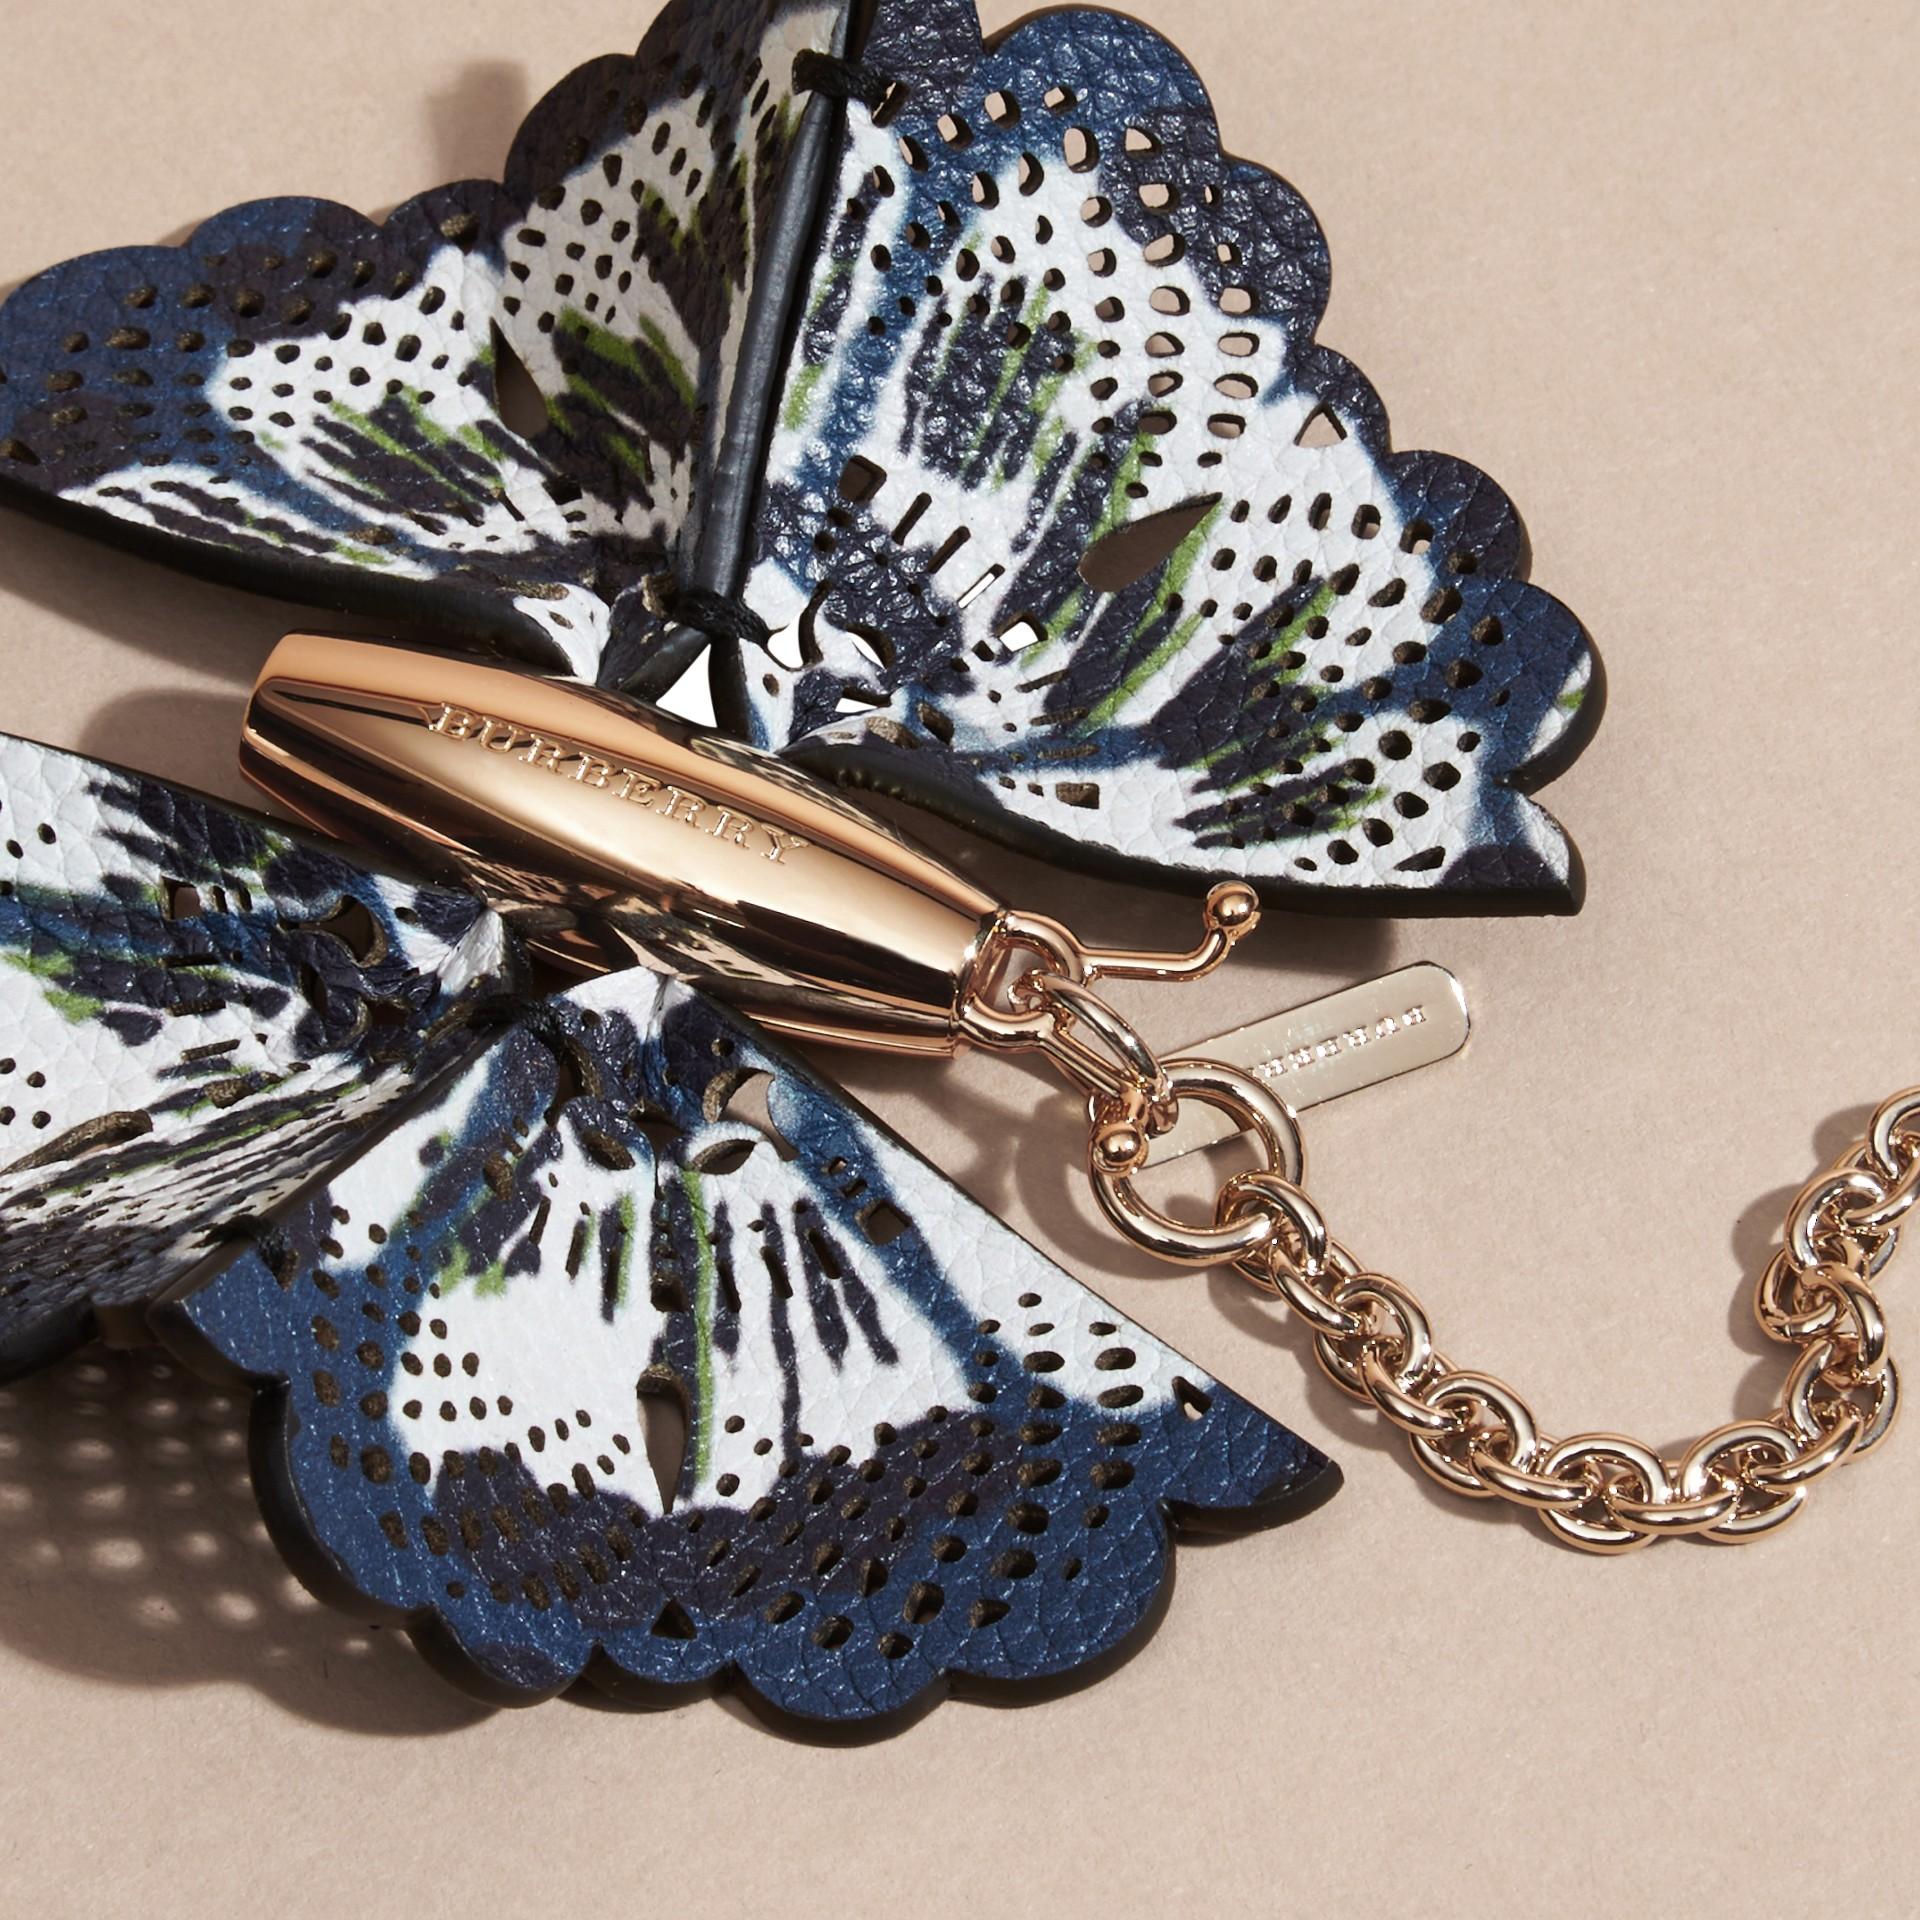 Bleu azur intense/marine brillant Bijou porte-clés Papillon en cuir à imprimé tie and dye Bleu Azur Intense/marine Brillant - photo de la galerie 2